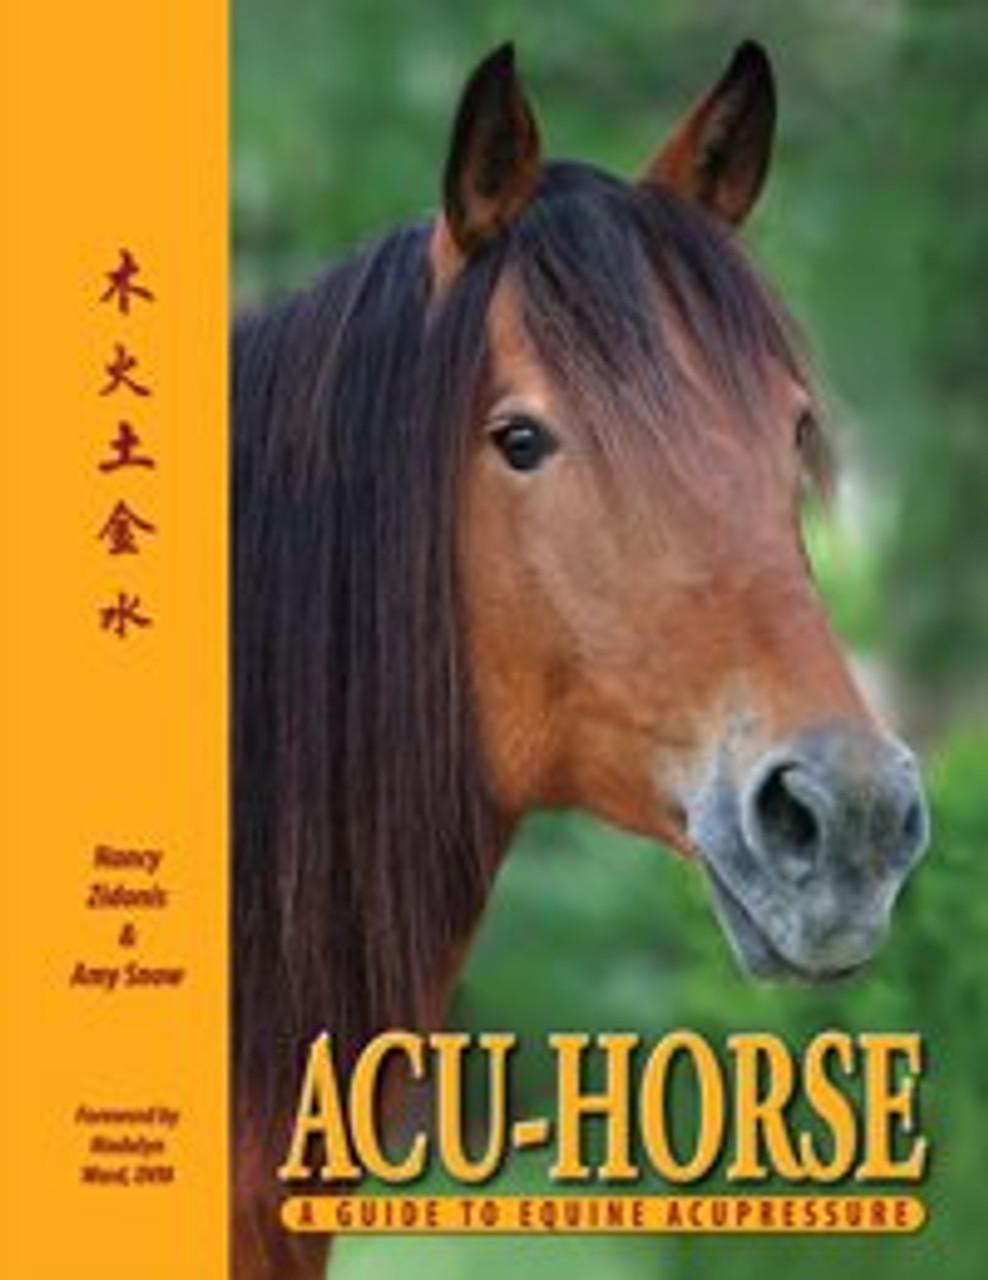 ACU-Horse Acupressure manual